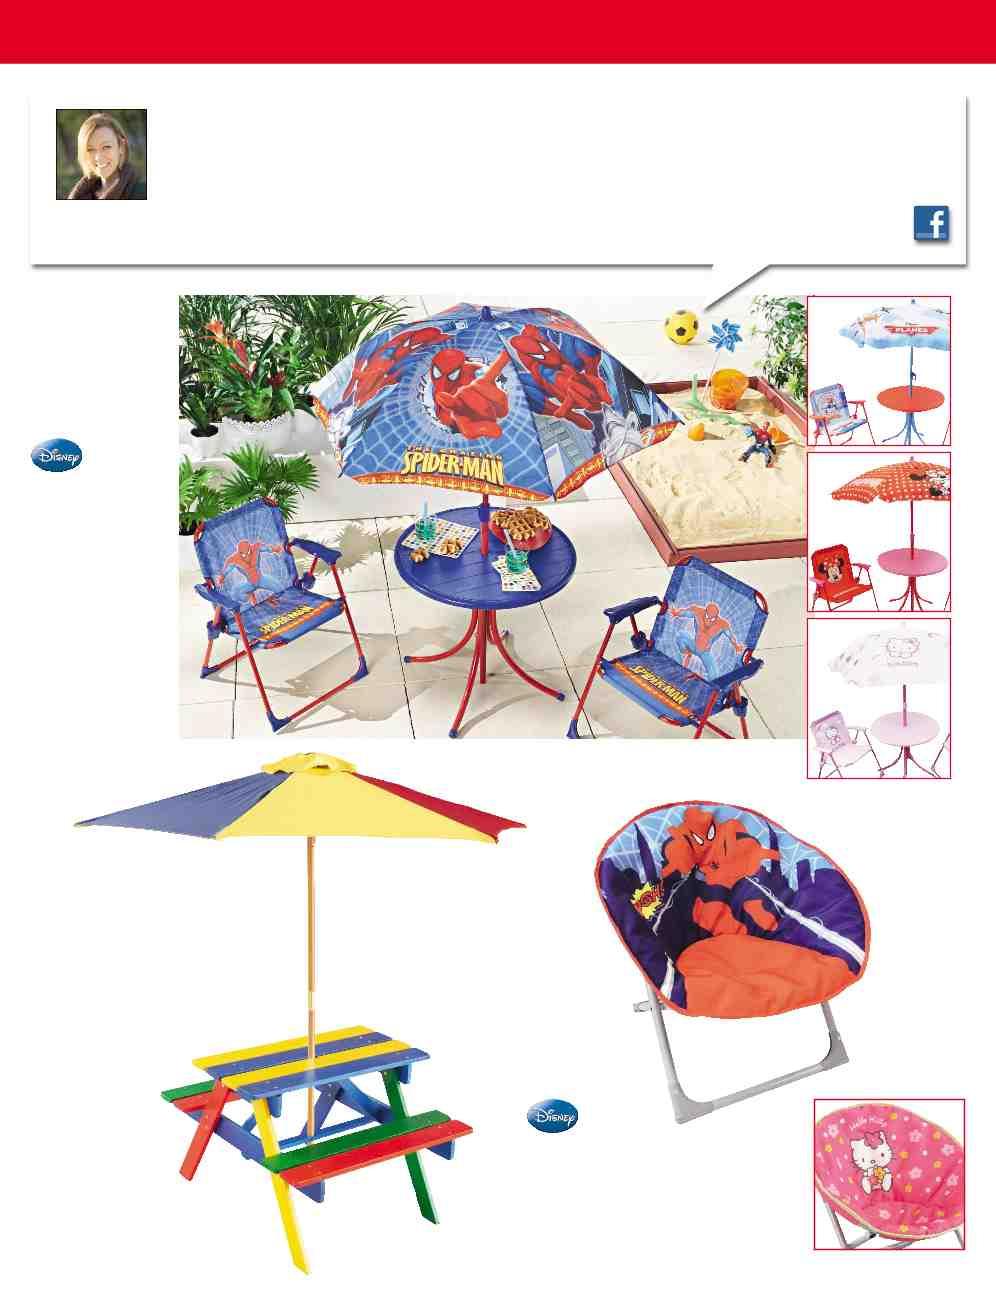 Mars 13 Hdqtrs Meubles Barbecue Catalogue Intermarche ... encequiconcerne Intermarché Table De Jardin